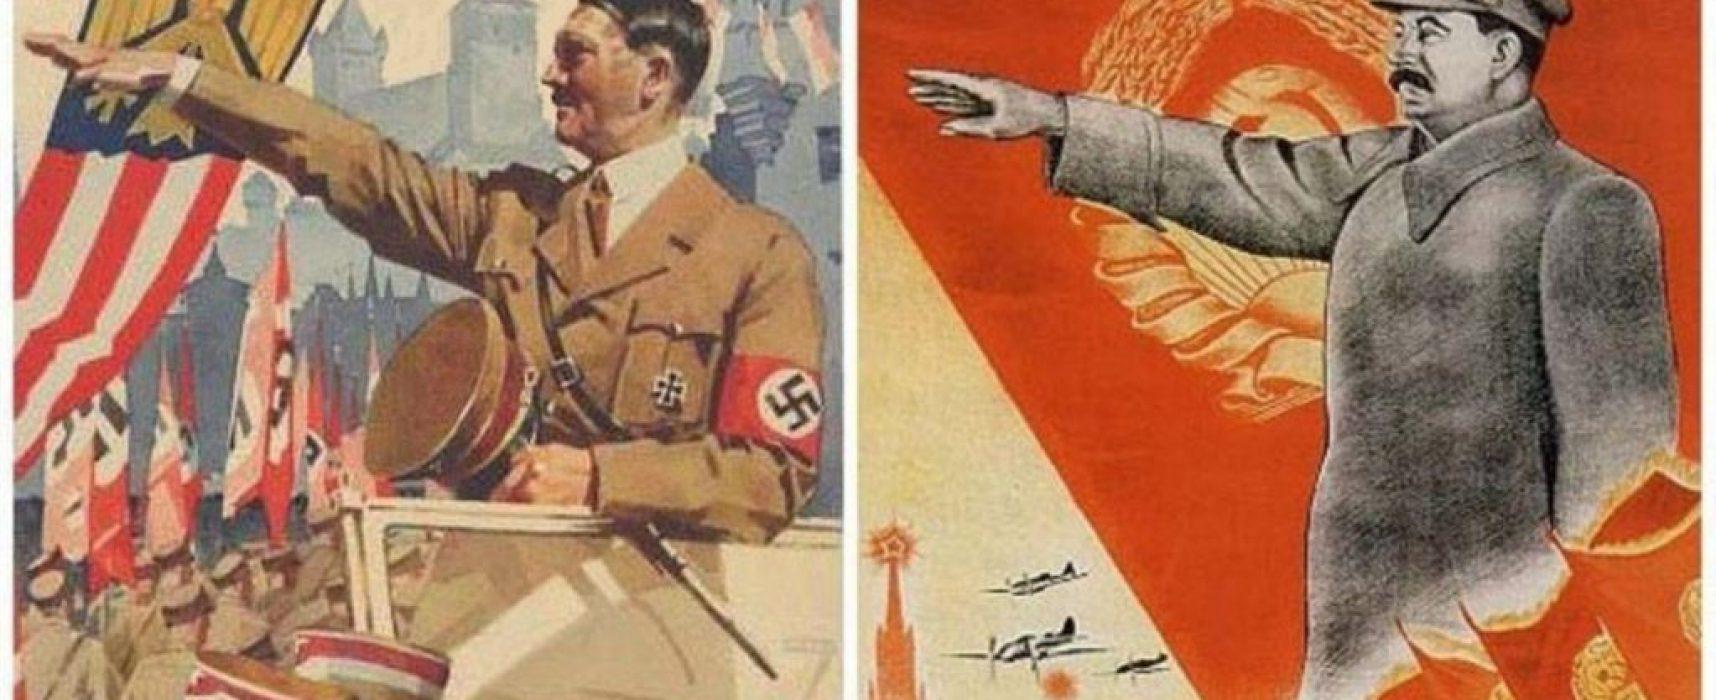 Скандал на именинах Гитлера: в Крыму редактора газеты увольняют за заметку о фюрере